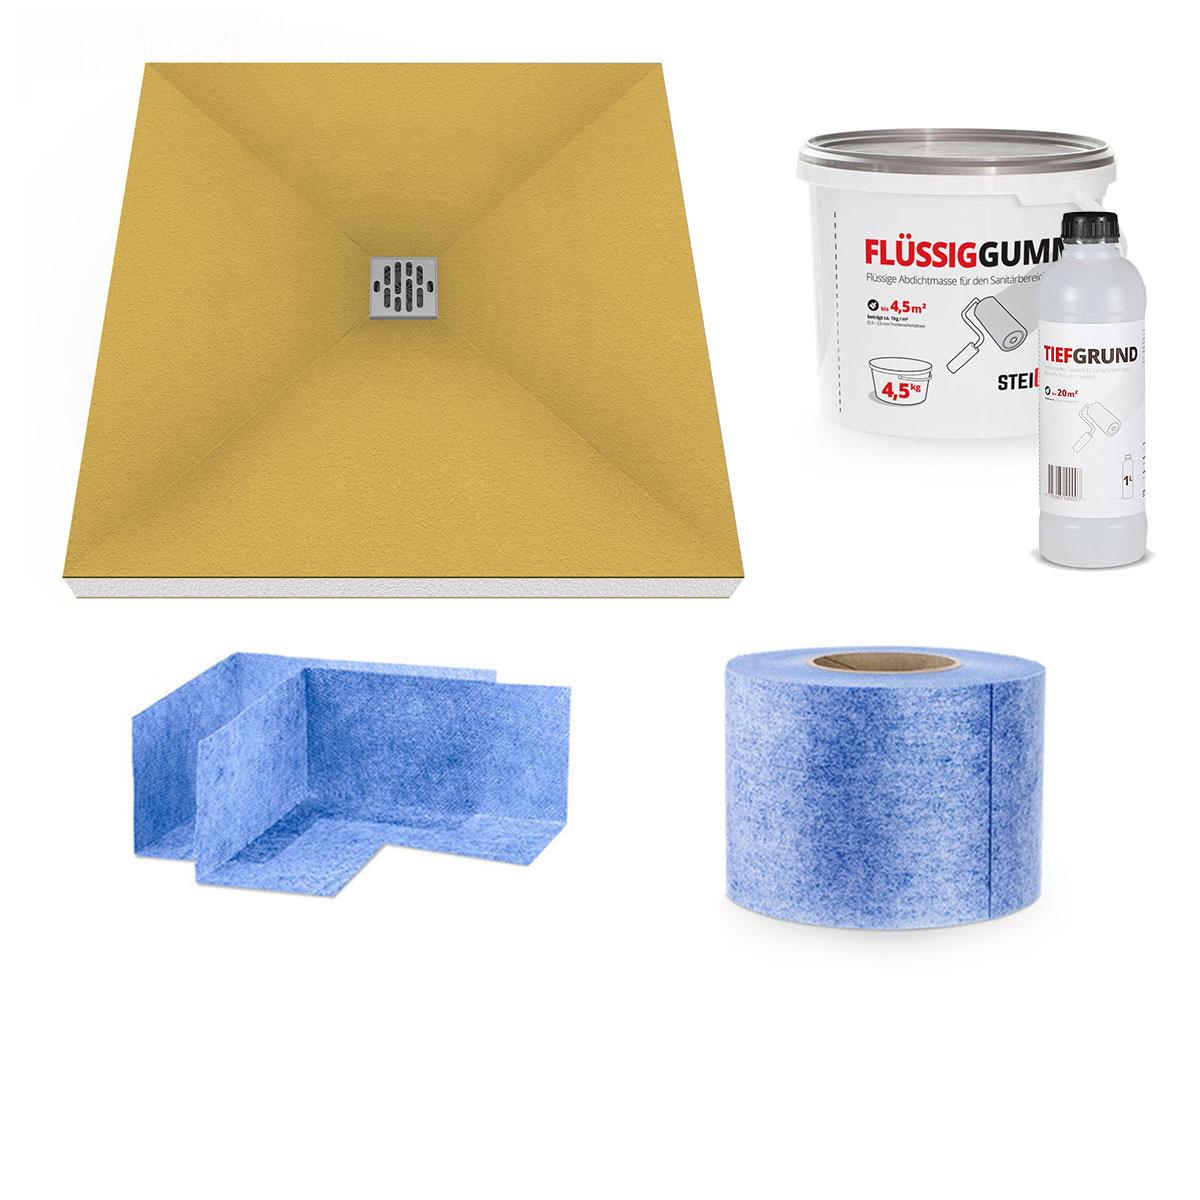 duschelement duschboard duschtasse duschwanne befliesbar. Black Bedroom Furniture Sets. Home Design Ideas